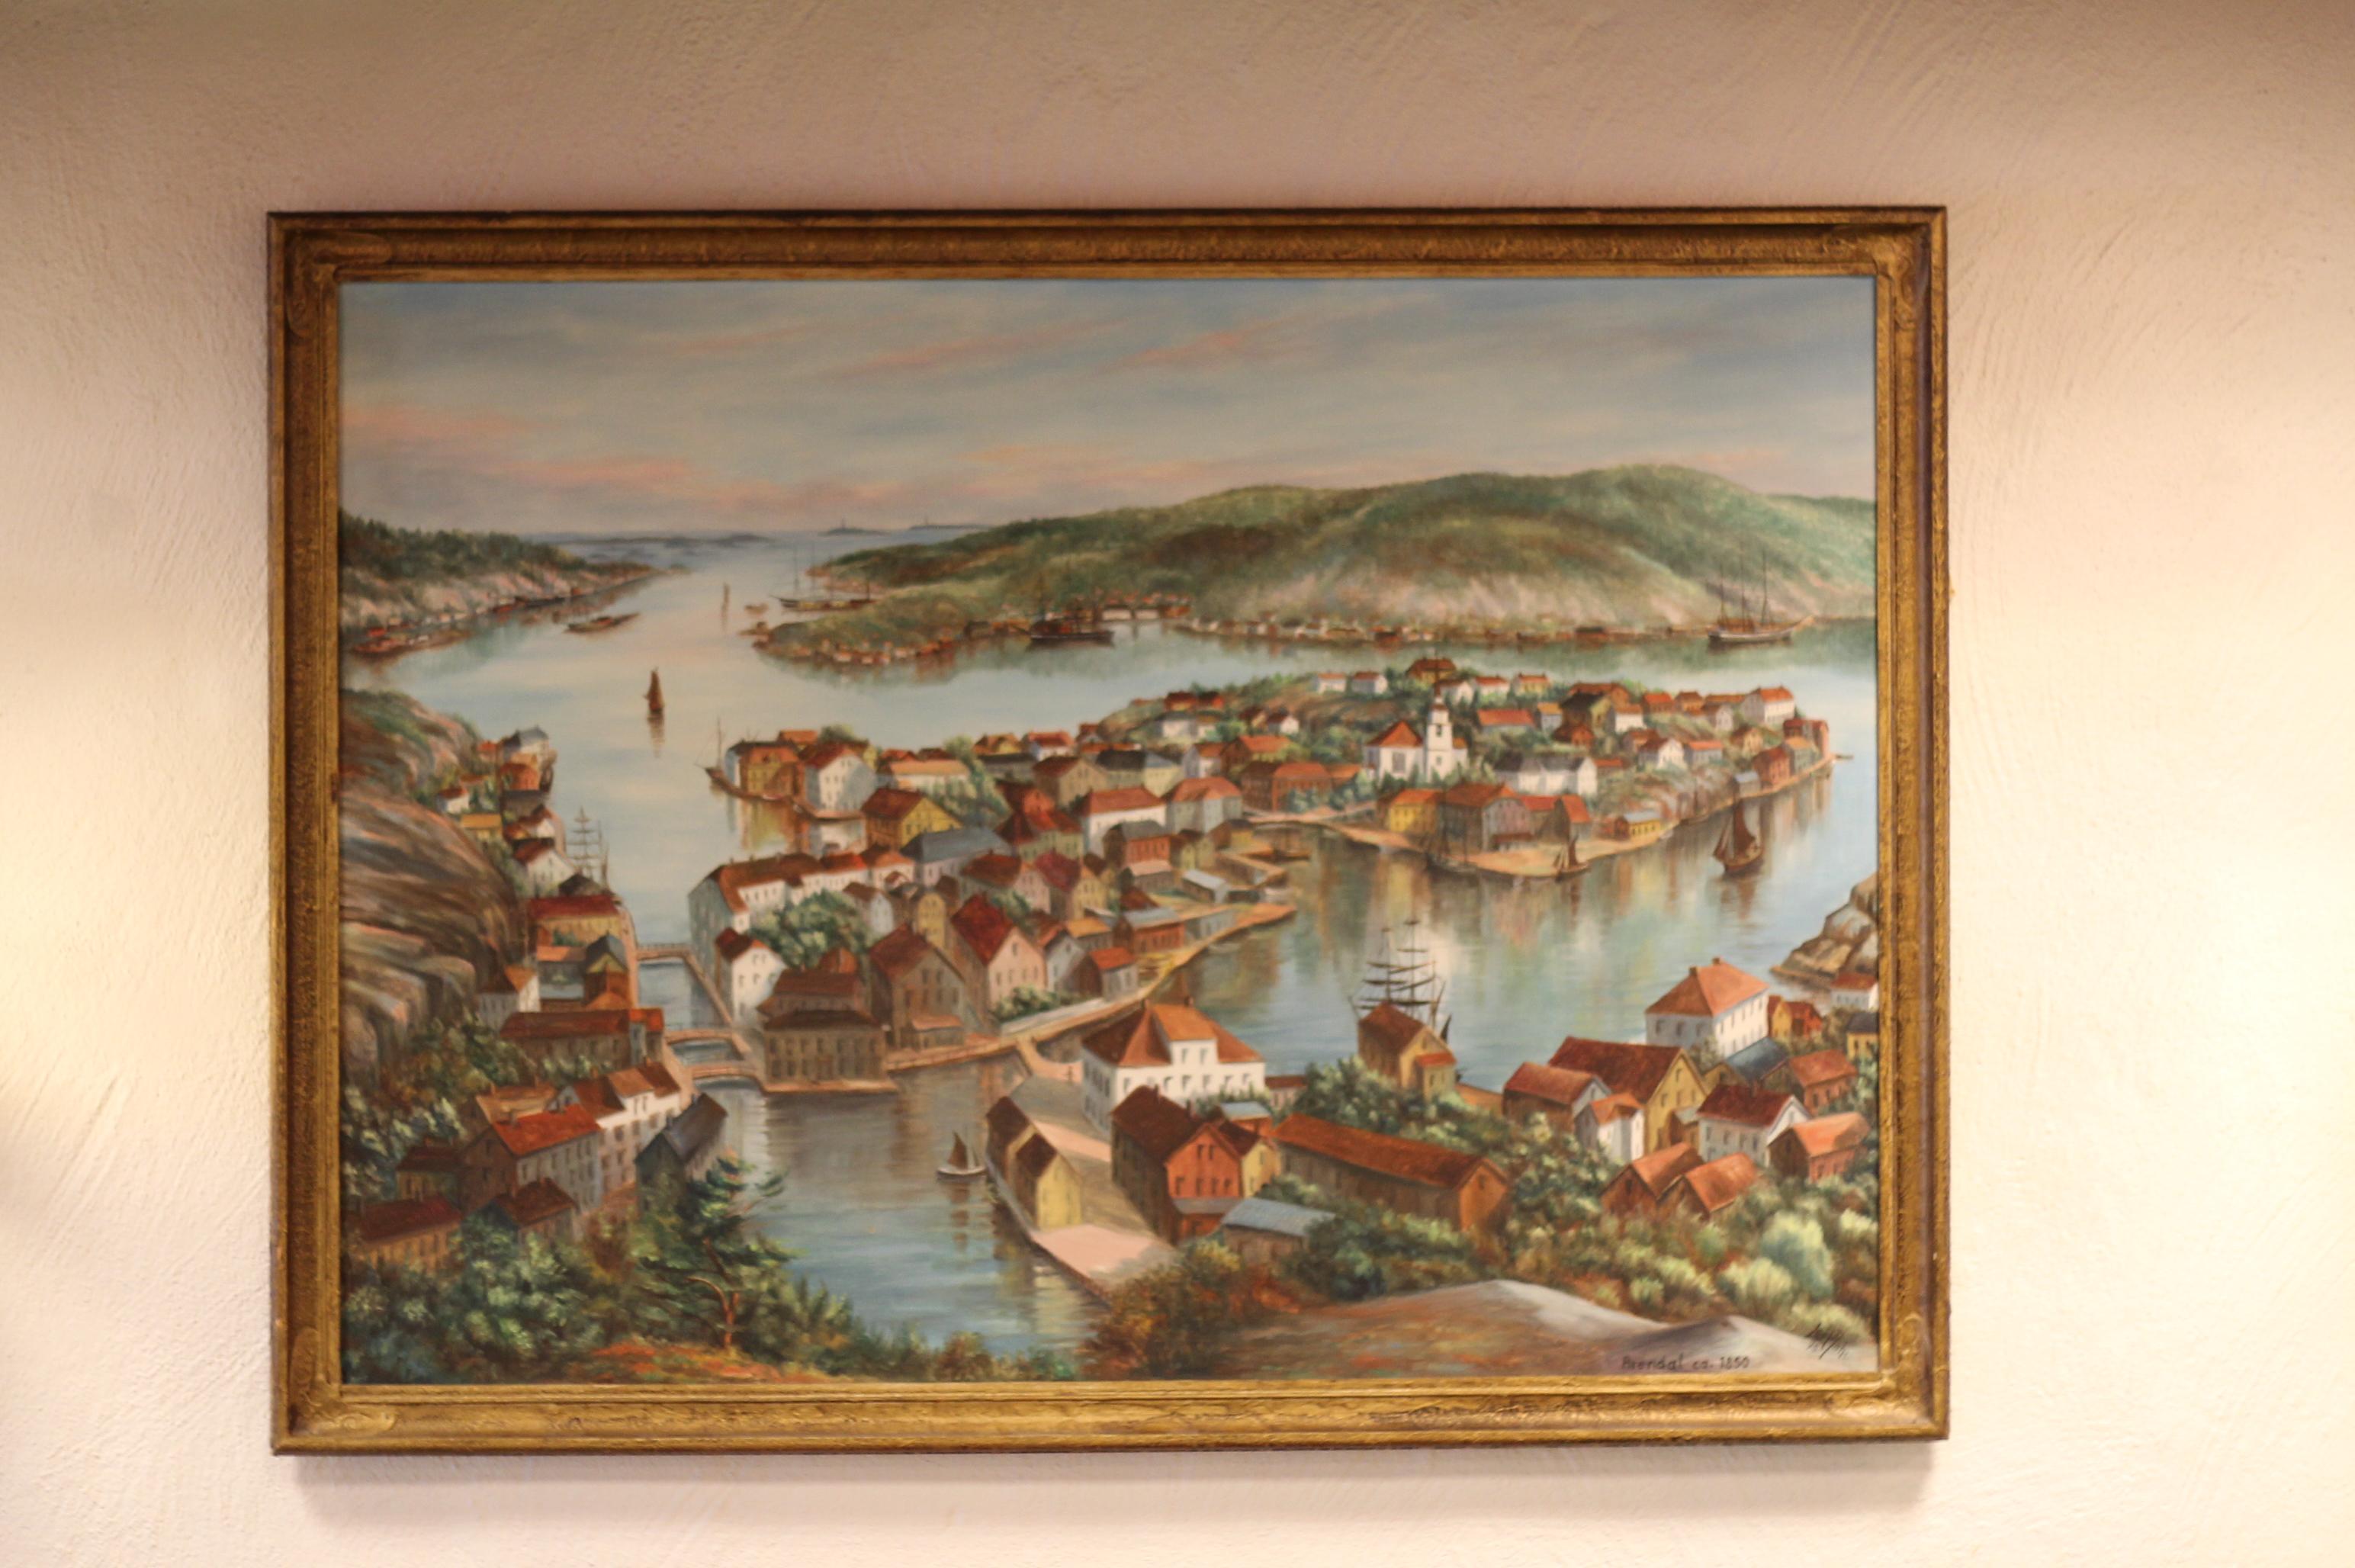 Maleri fra Gamle Café Gimle - Dette maleriet var i Gamle Café Gimles lokaler da Ting Hai overtok i 1977. Det er datert 1975 og avbilder Arendal på 1800-tallet. Dette kan sees den dag i dag i Ting Hais lokale.